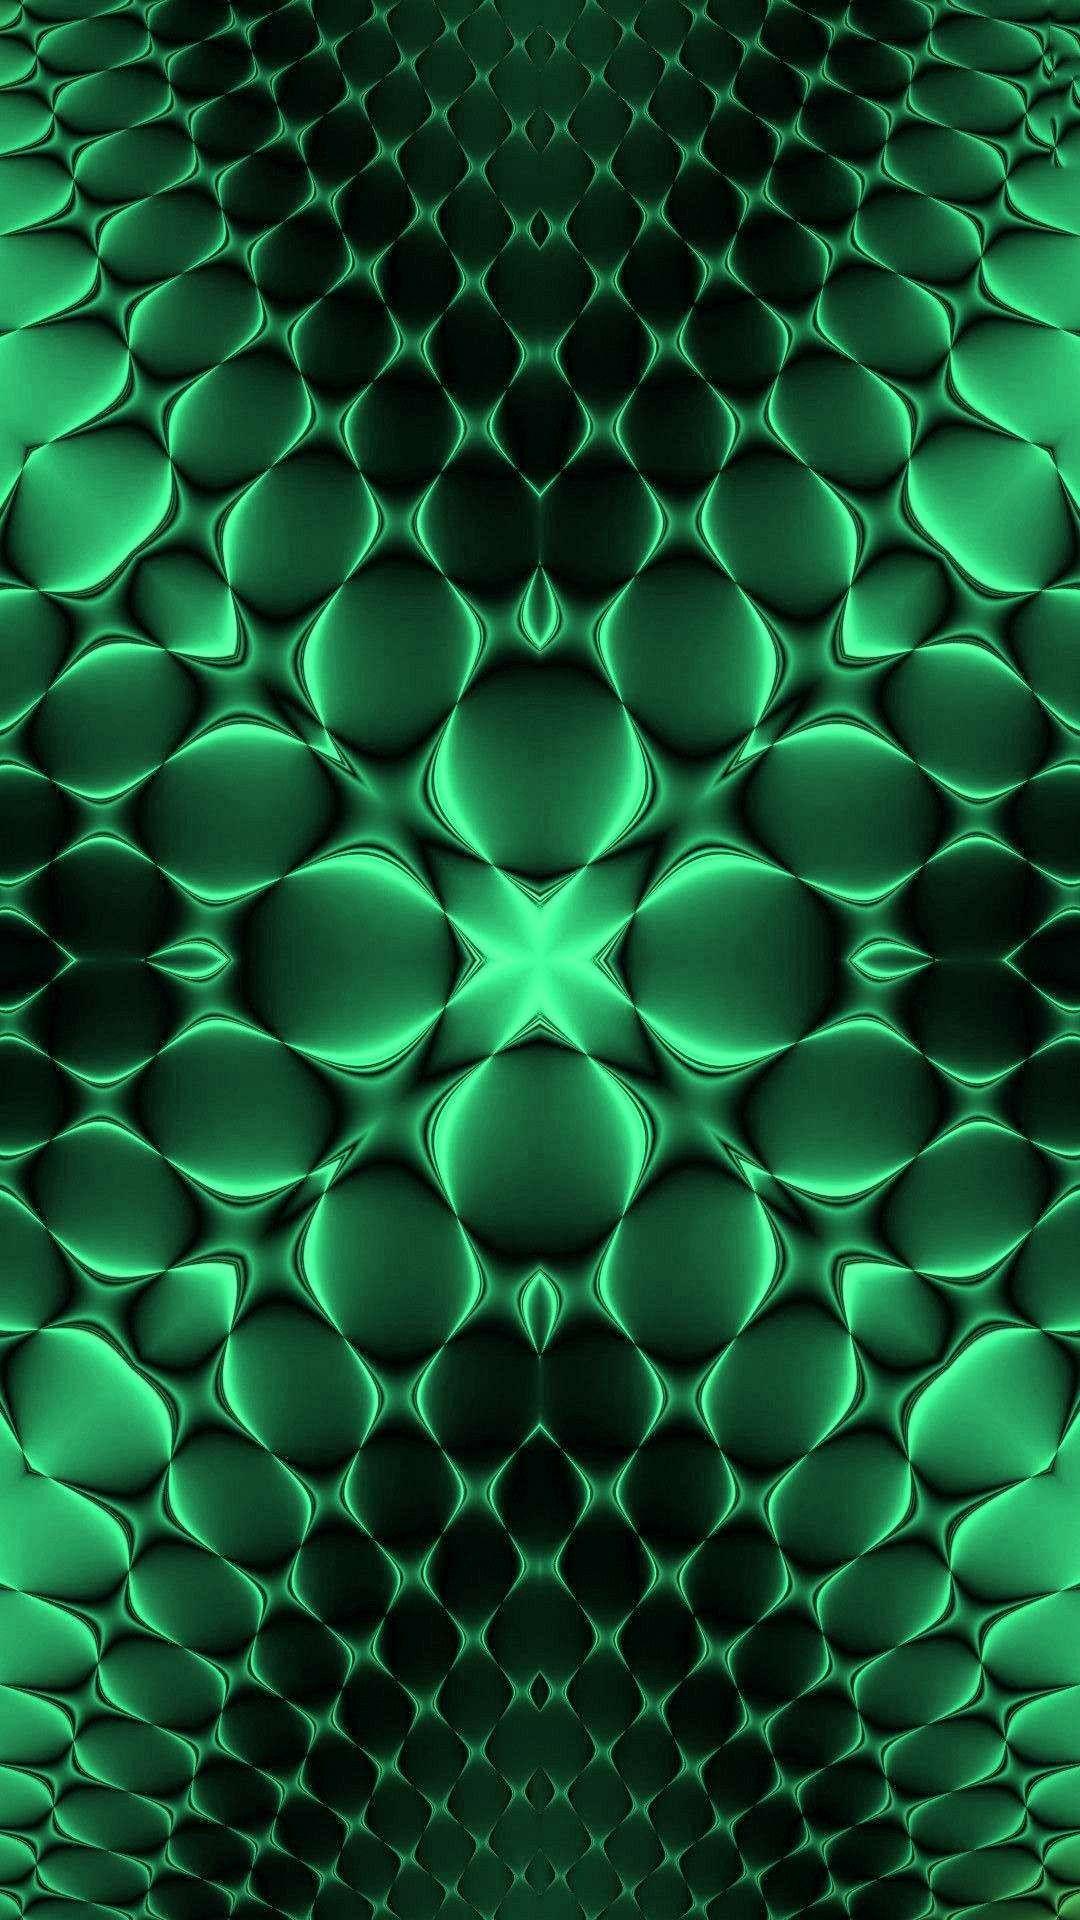 Green Background Wallpaper Green Wallpaper Phone Phone Wallpaper Images Adidas Wallpaper Backgrounds Green android image hd wallpaper